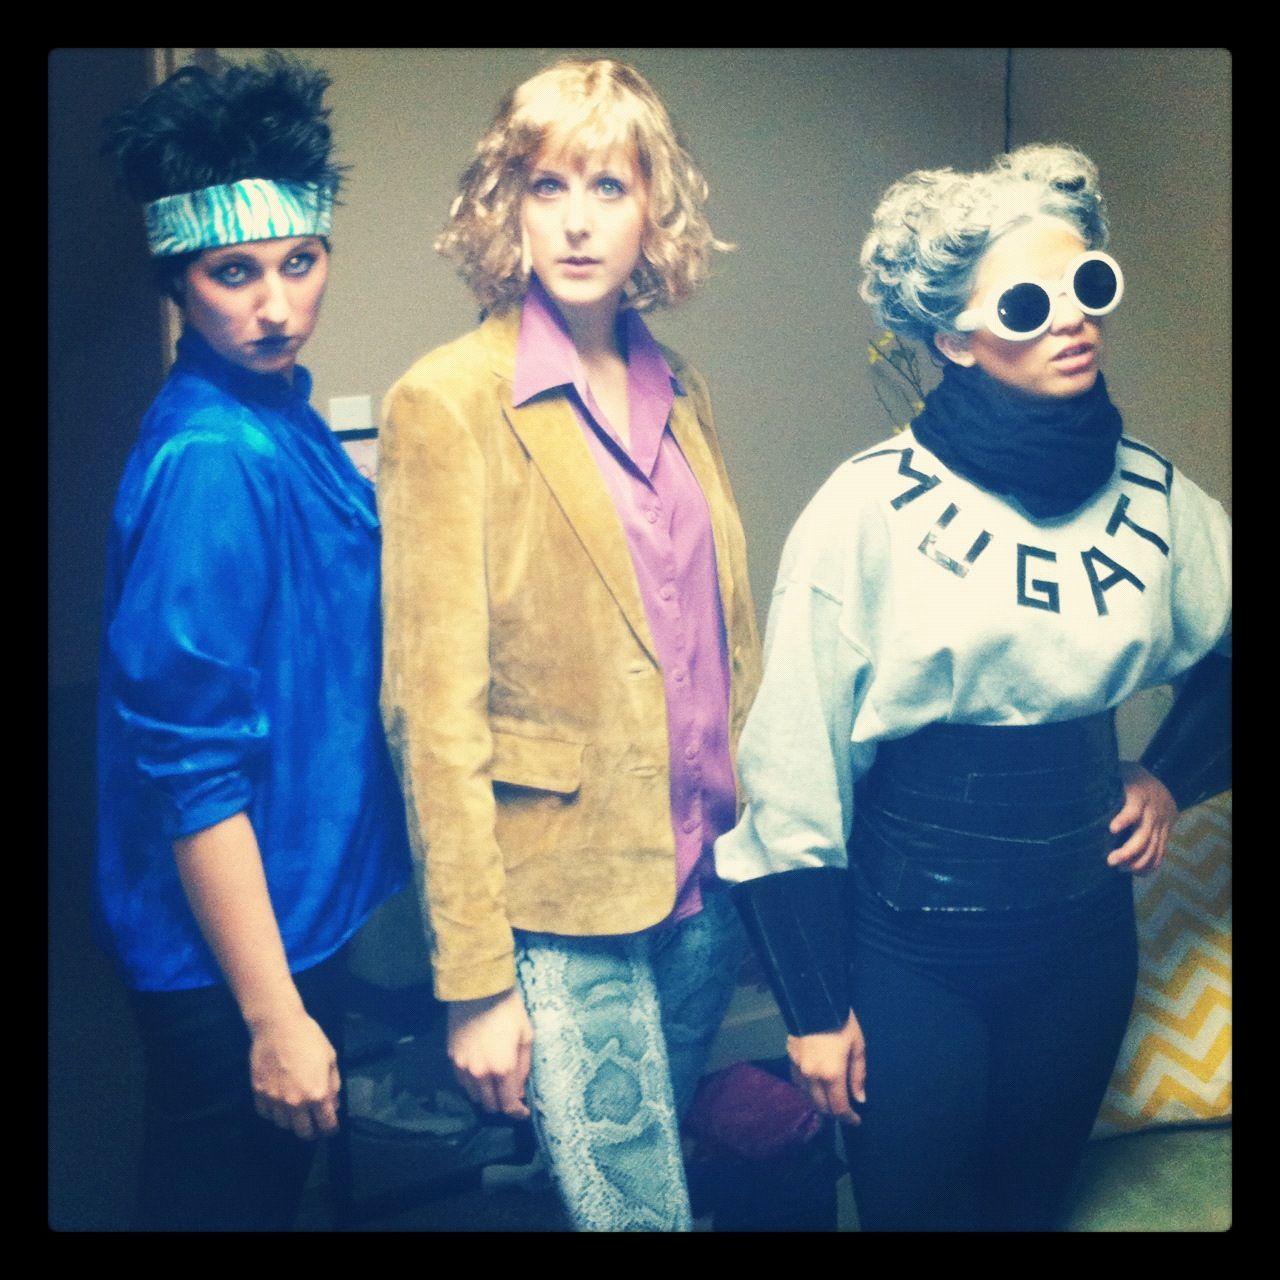 Our Zoolander Costume  sc 1 st  Pinterest & Our Zoolander Costume | Pose Pose Pose | Pinterest | Zoolander ...